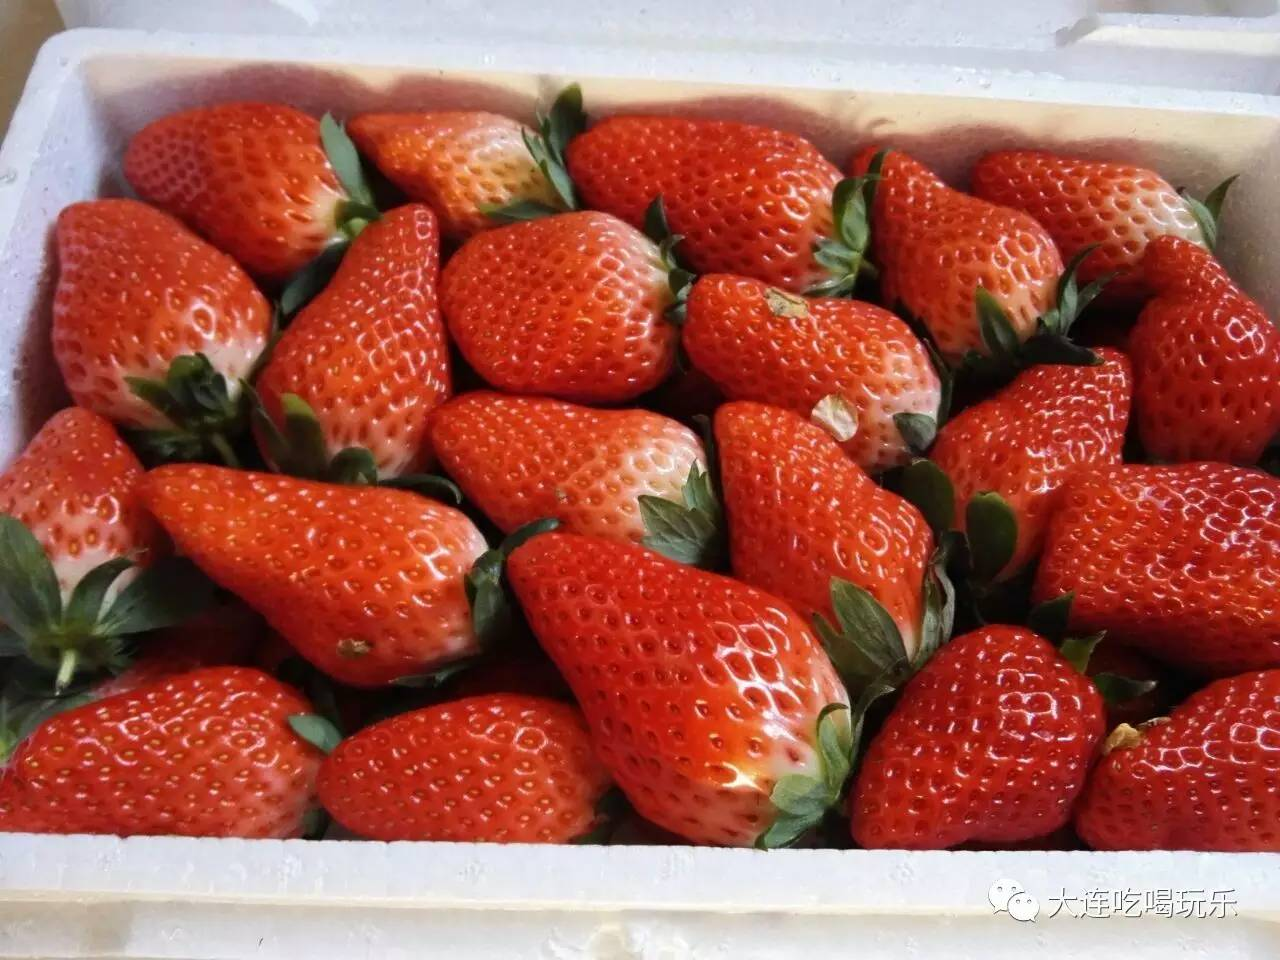 久久牛奶大草莓40一斤,一箱3斤80元      同时还有